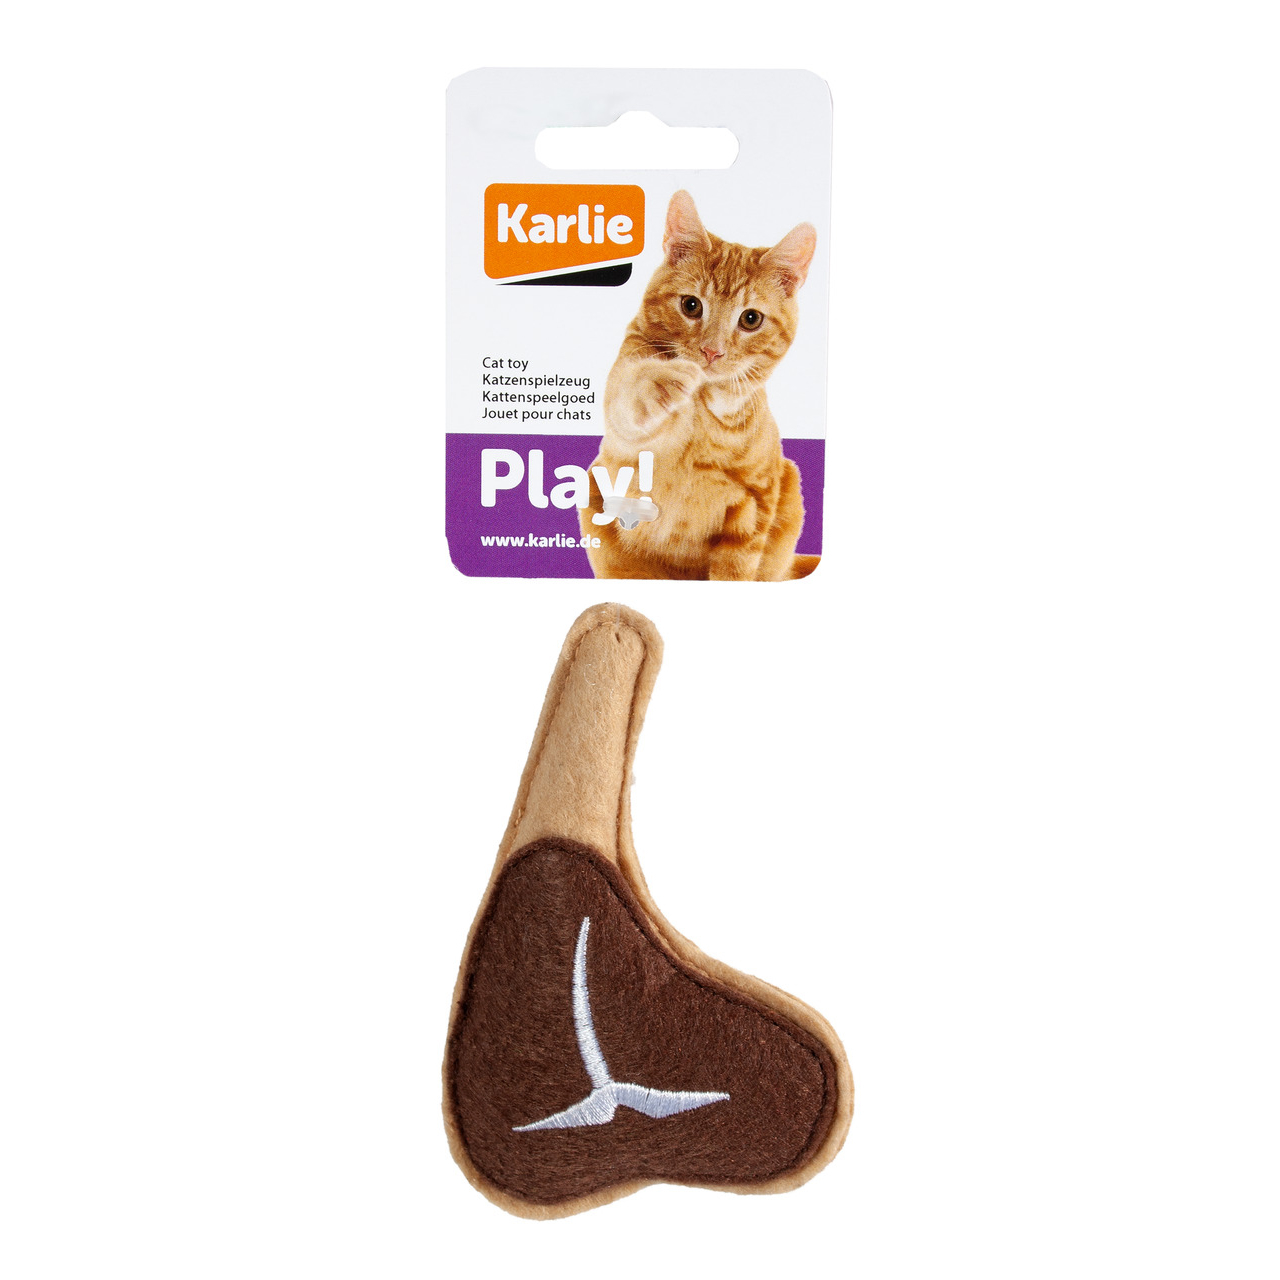 Karlie Katzenspielzeug aus Textil, Bild 13